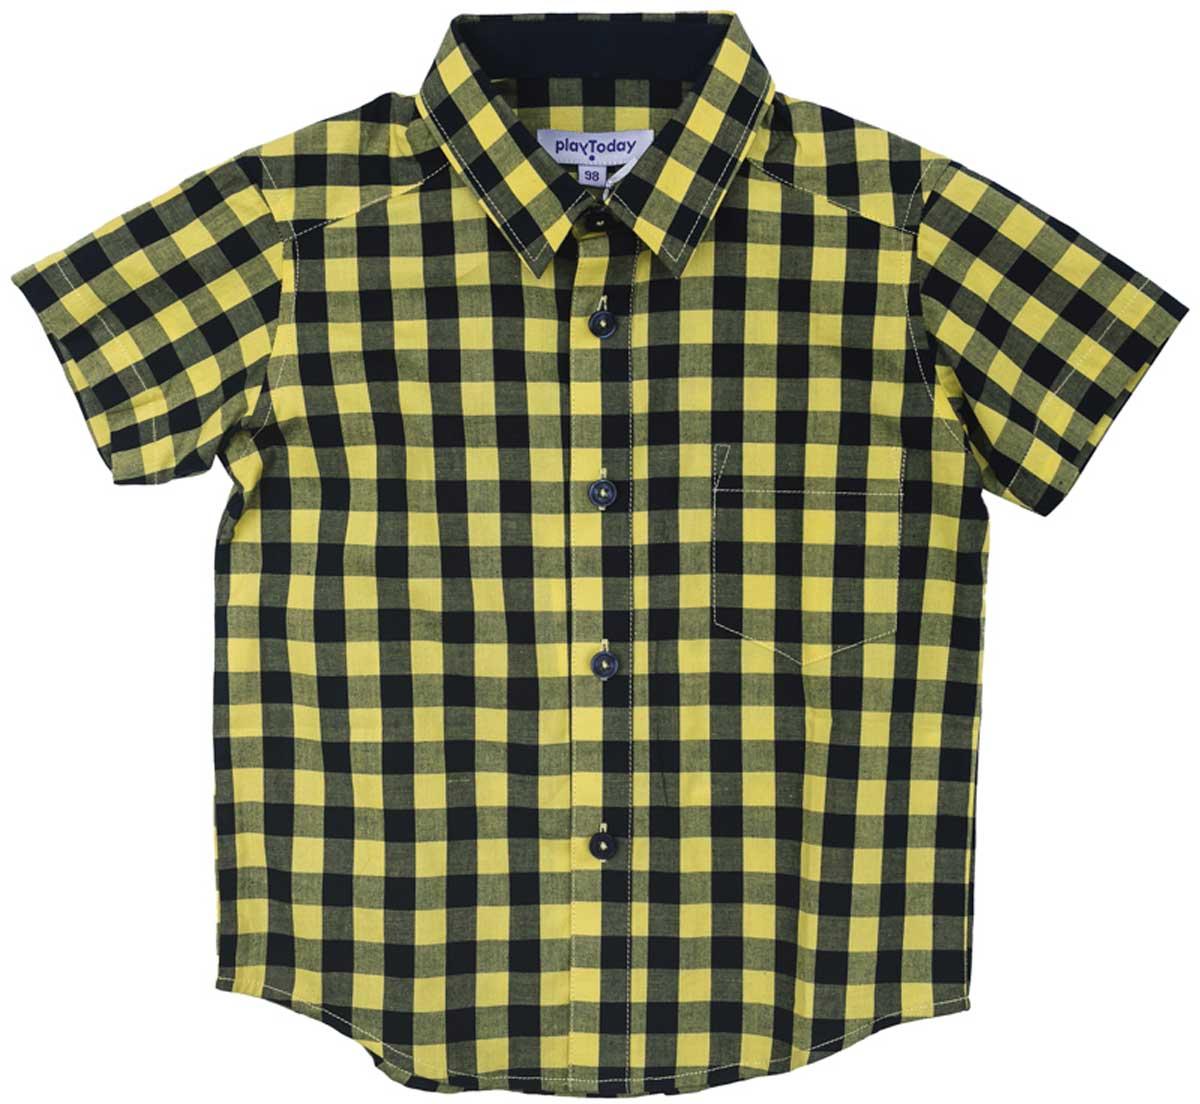 171104Эффектная сорочка с коротким рукавом для мальчика в стиле кантри. Практична и очень удобна для повседневной носки. Ткань мягкая и приятная на ощупь, не раздражает нежную детскую кожу. Стиль отвечает всем последним тенденциям детской моды. Рубашка с отложным воротничком и накладным карманом. Даже в самой активной игре Ваш ребенок будет всегда иметь аккуратный вид.Преимущества:Качественная тонкая ткань не раздражает нежную кожу ребенкаМодель с отложным воротником и накладным карманом